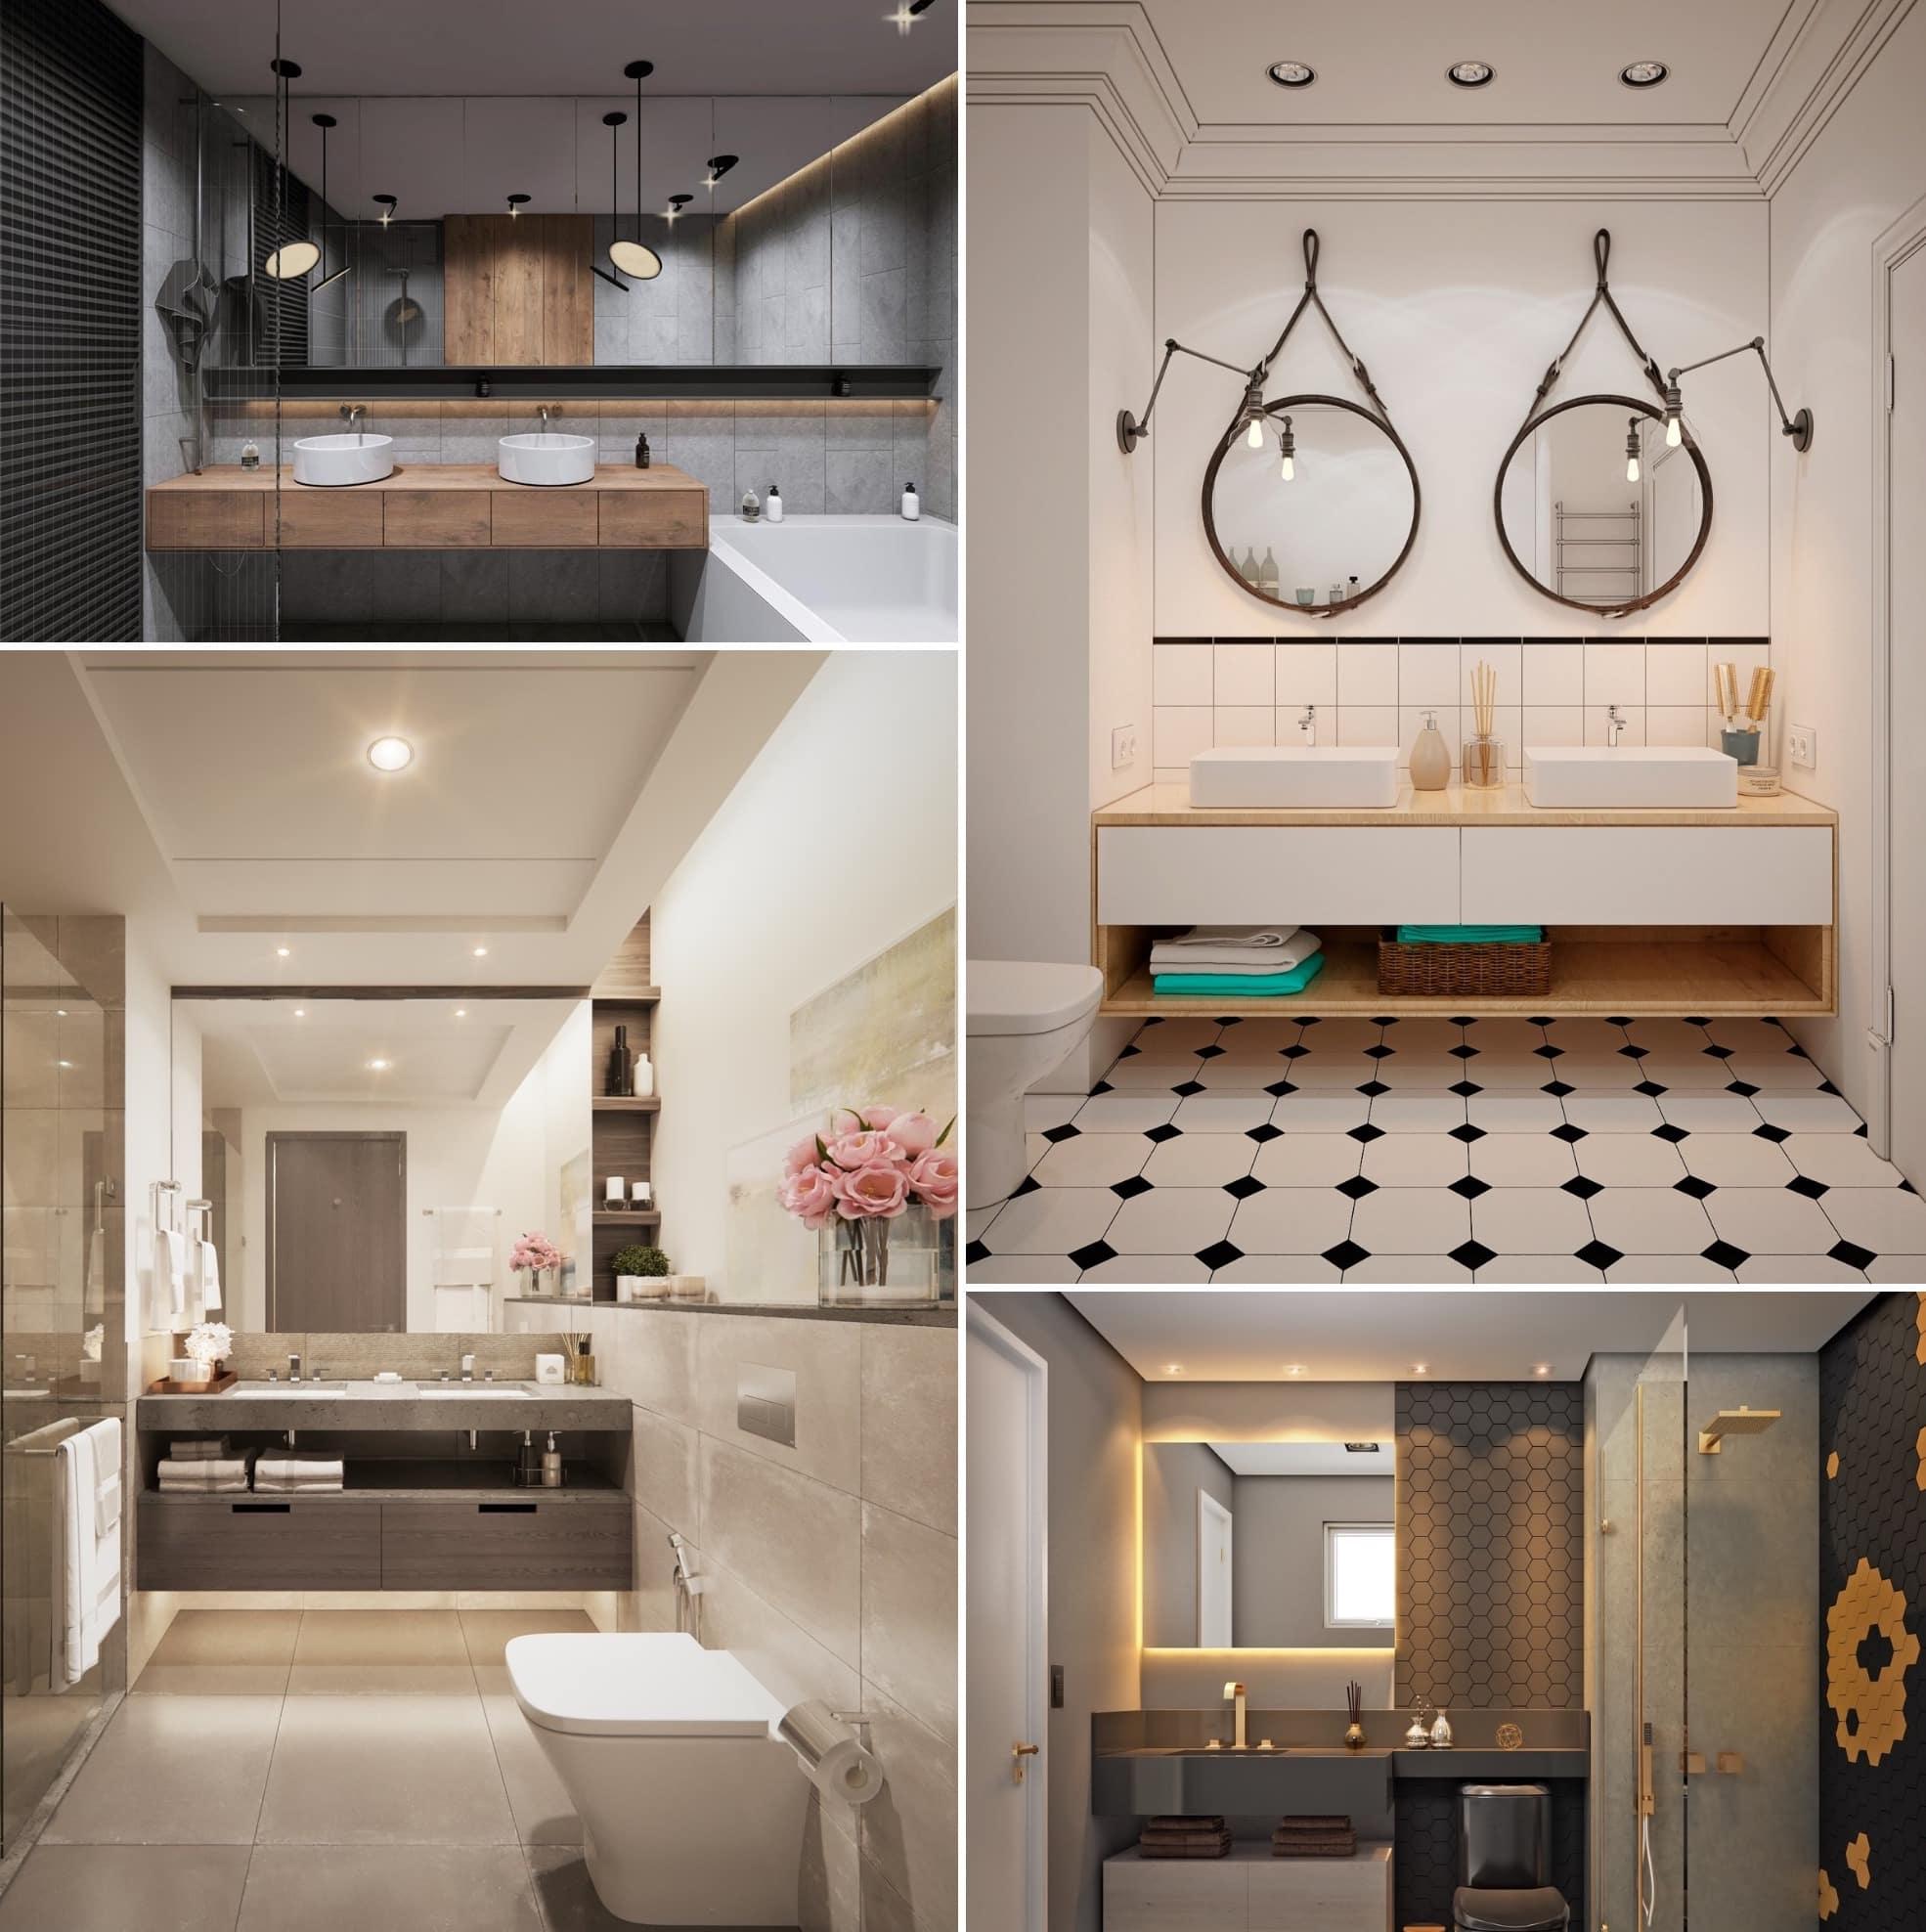 Плитка в ванной на полу и стенах должна обладать тактильно приятной поверхностью